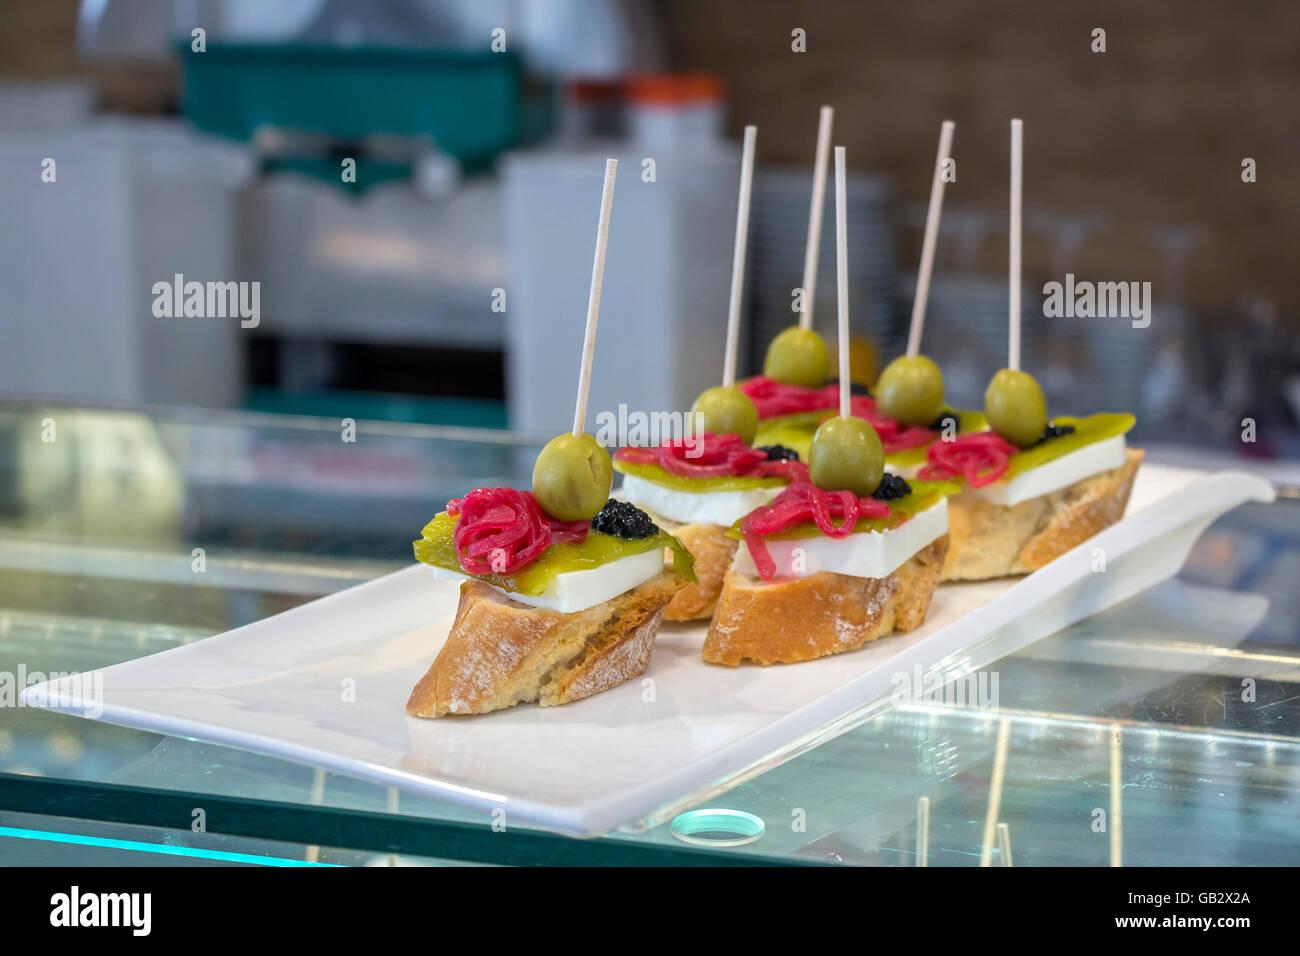 Pintxos oder Tapas berühmten spanischen Häppchen Party Fingerfood Stockbild